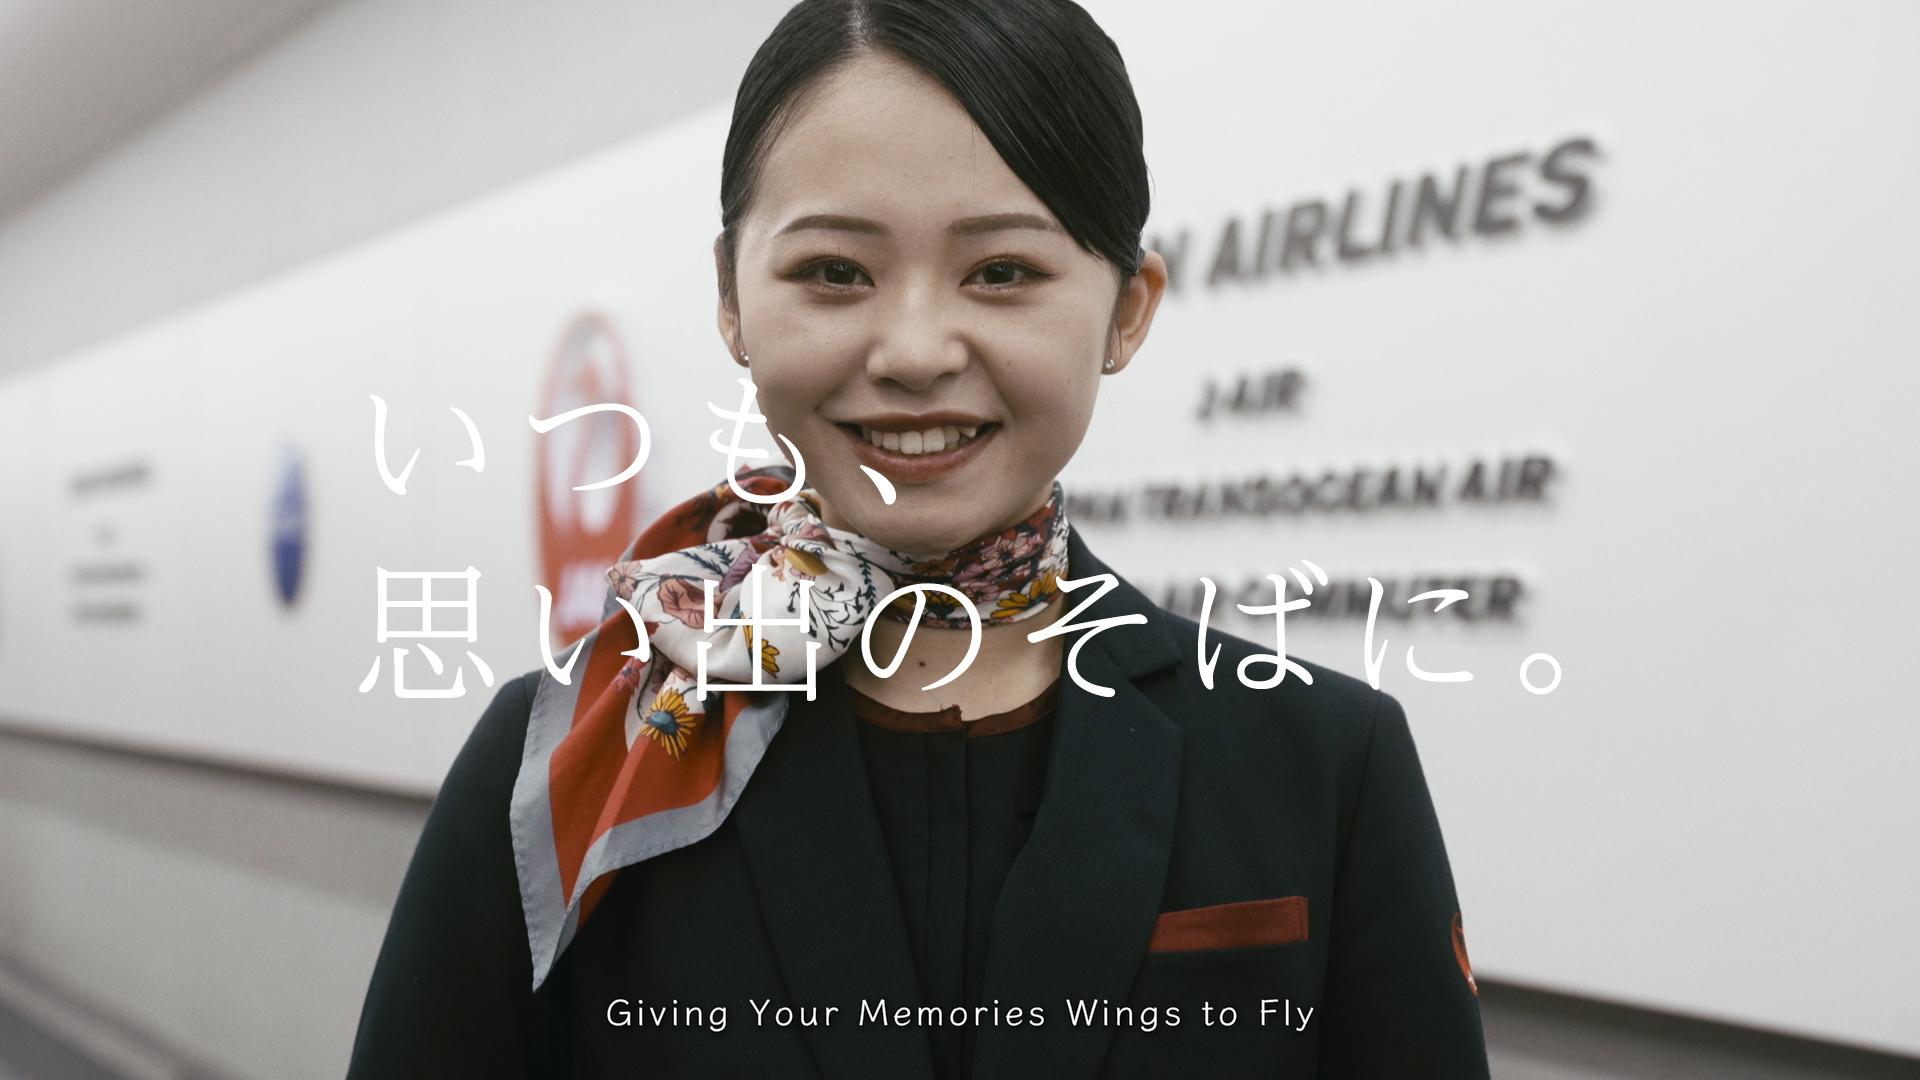 IMAGICA Lab. が「東アジアトップクラスの国際空港」を目指す福岡空港のプロモーションコンテンツの企画制作を担当